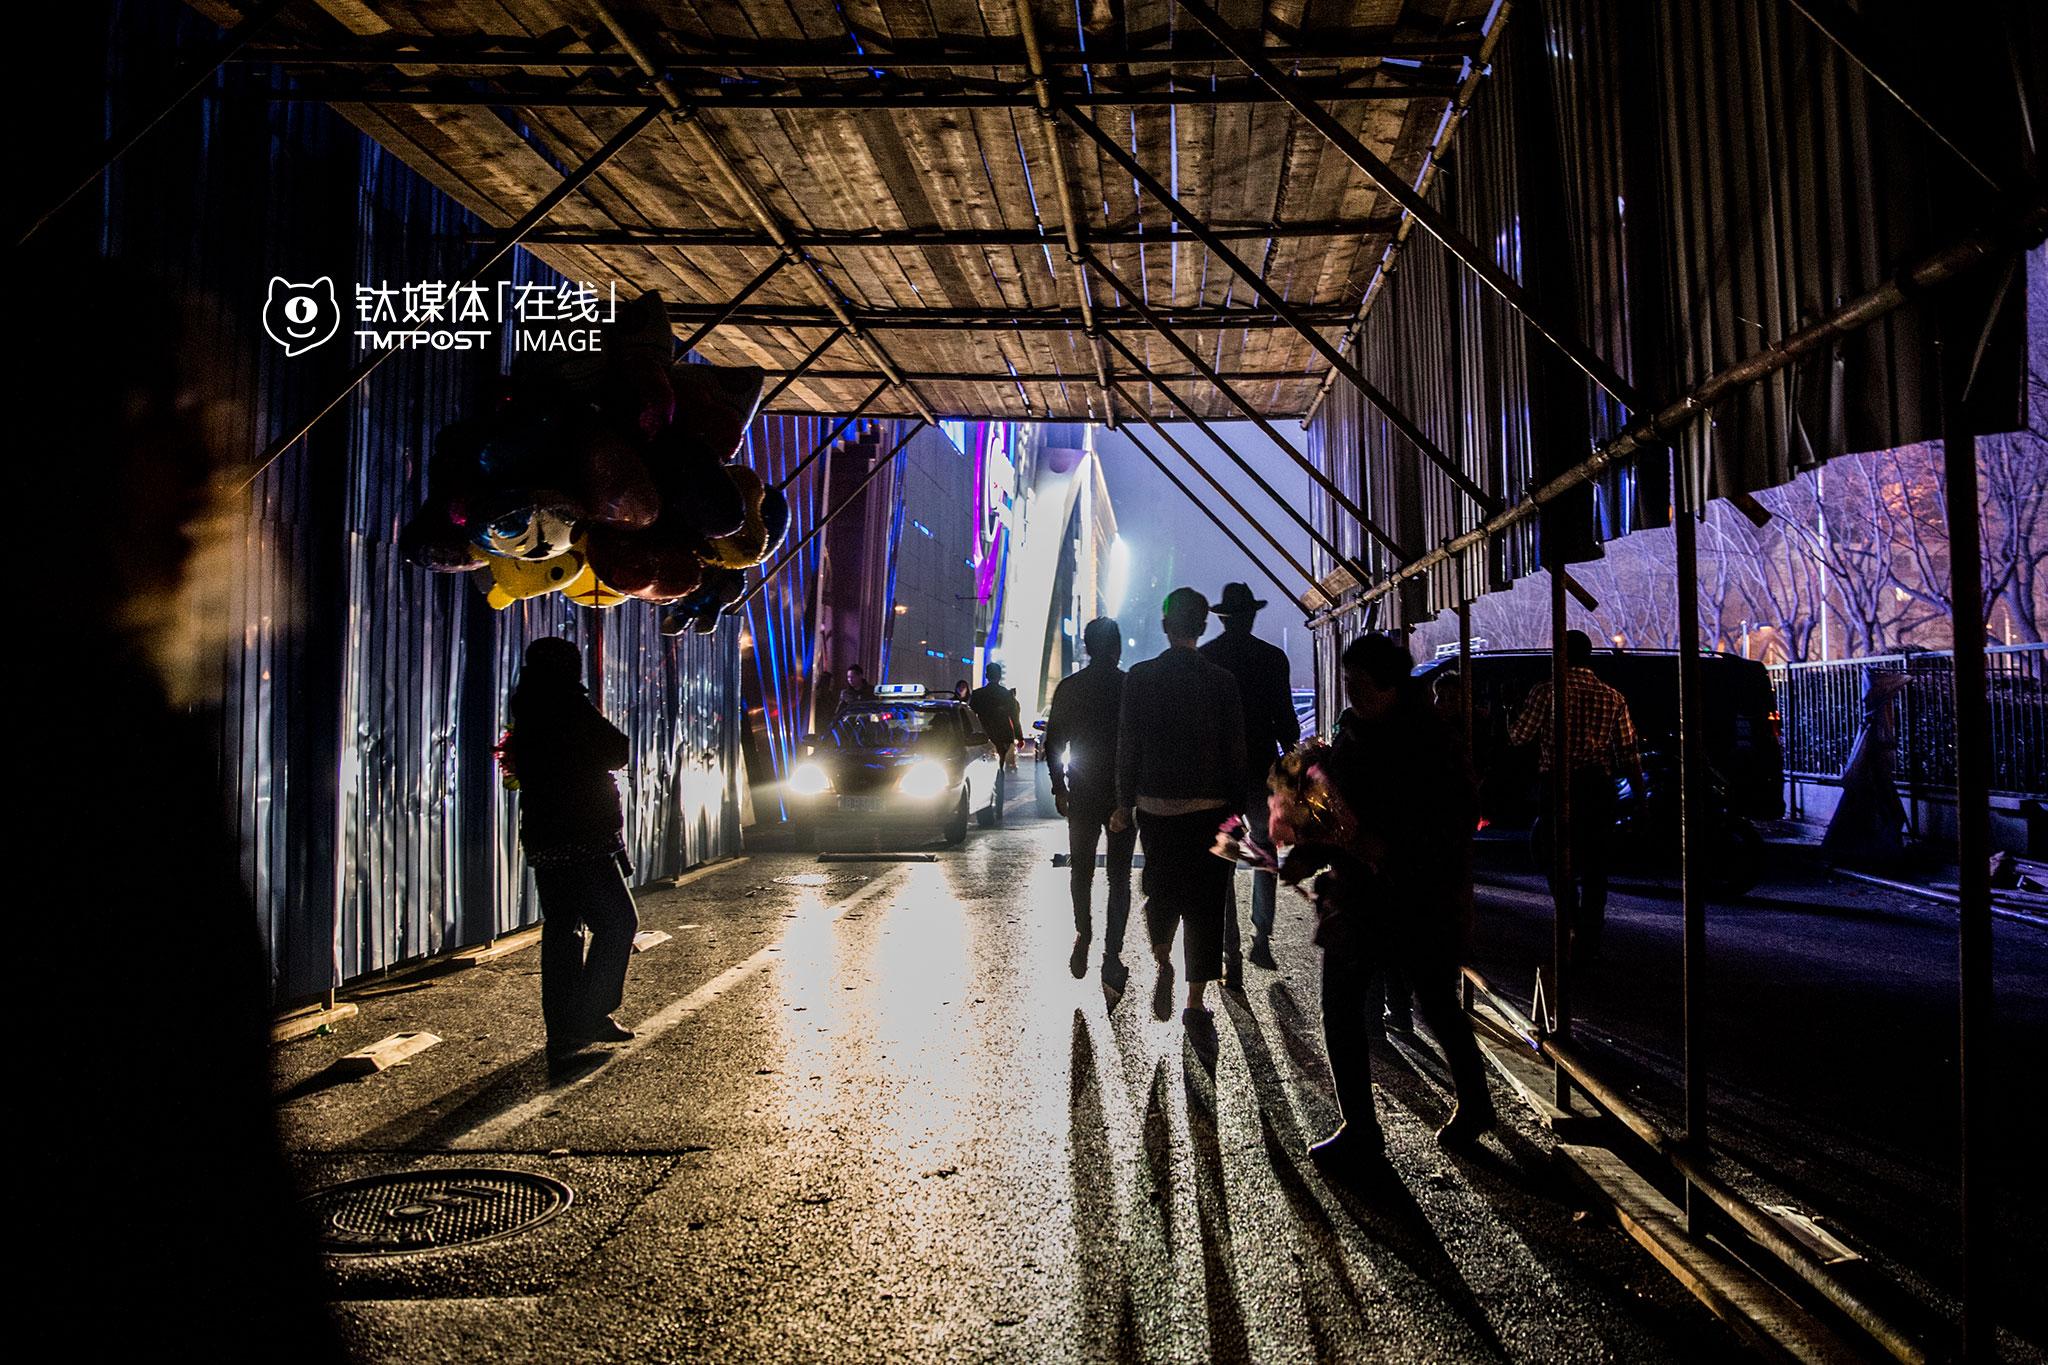 """在酒吧,保安一般都有自己替客人叫代驾方式。互联网代驾平台兴起后,酒吧保安和外来代驾司机之间难免会发生摩擦。3月12日,北京工体西路一家酒吧的保安因为不满代驾司机在酒吧前的路边等待订单,动手推到了代驾司机的代步电动车,双方发生了冲突,代驾司机报警后,30多名代驾在酒吧门口等待警察讨要说法,要求涉事保安露面道歉。""""那个保安始终没有再出现,后来大伙也散了,要接单继续干活,没办法。""""一名目睹事件的代驾说。"""